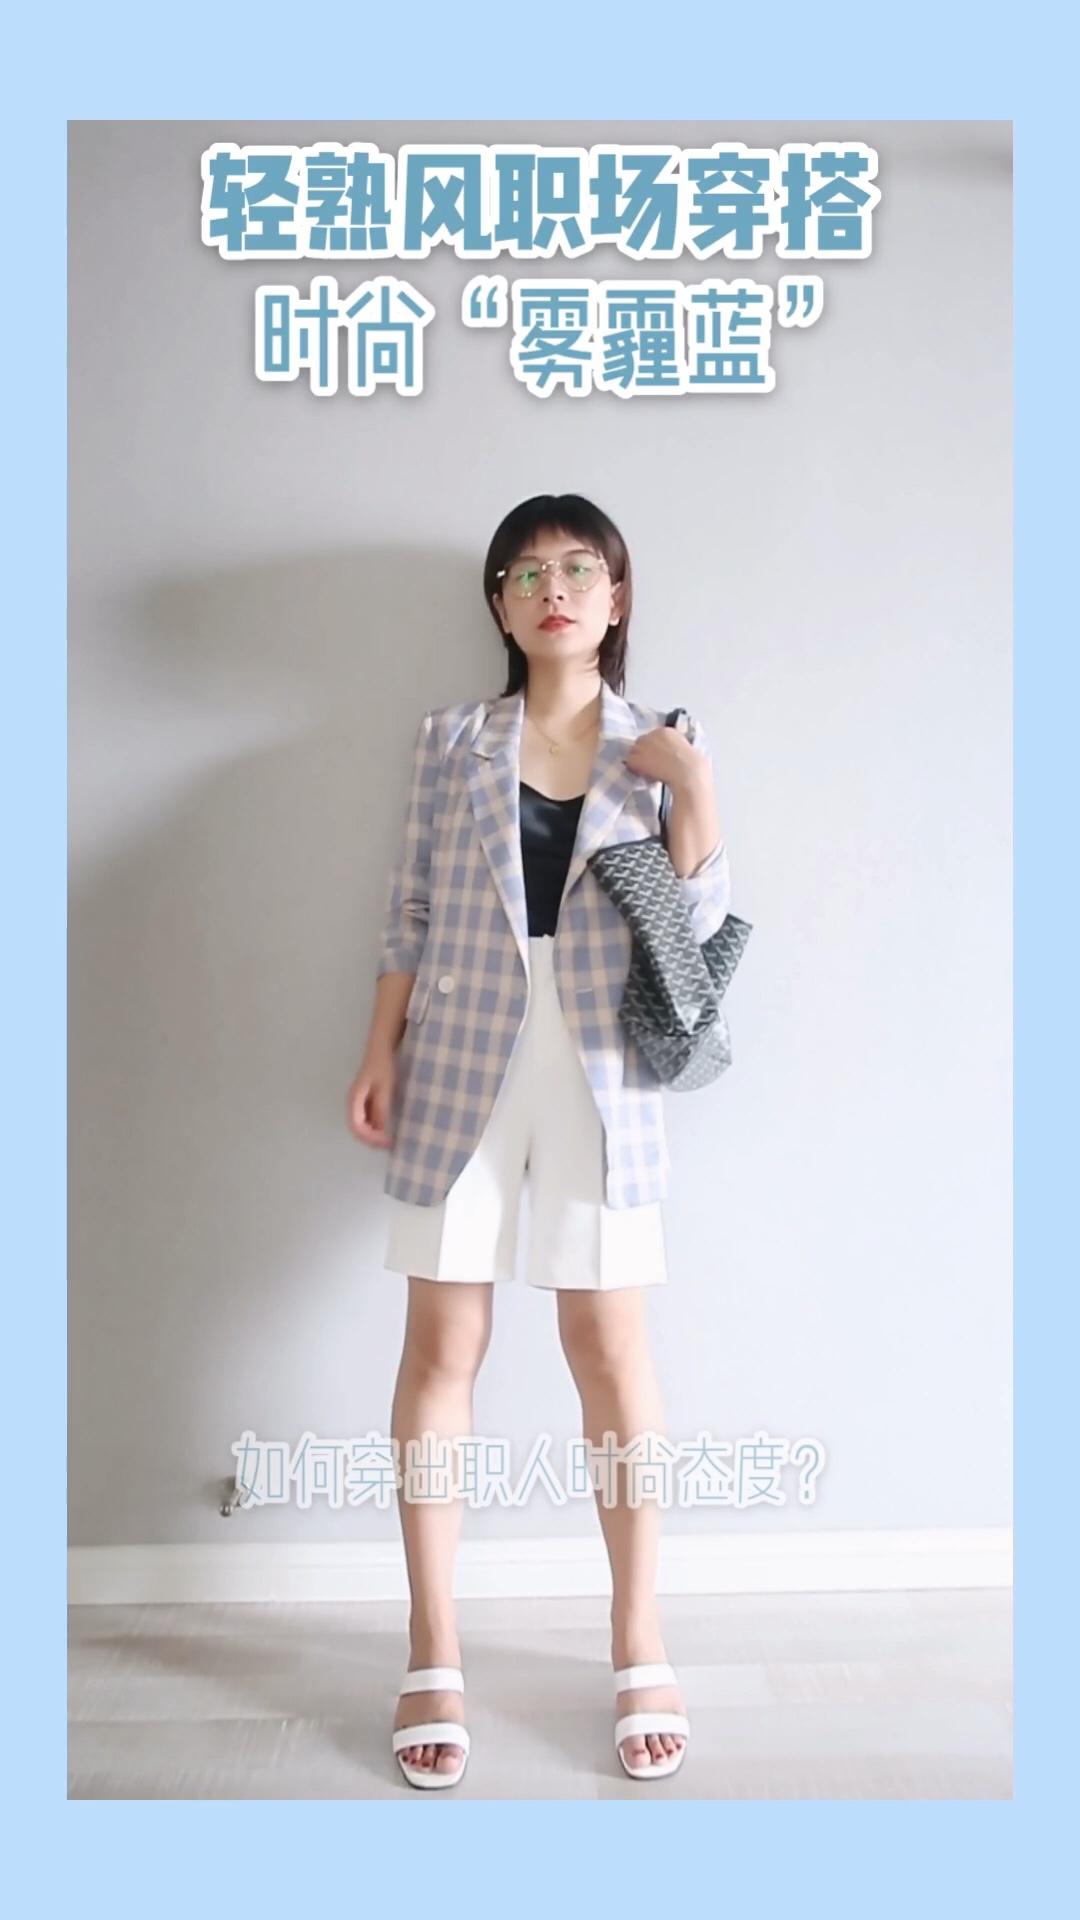 #气质轻熟风,一眼就心动~# 作为时尚OL一族,想要时刻保持专业严谨又精致的形象,只需要这六个步骤! 一件雾霾蓝的格纹棉麻西装,剪裁干净利落,很适合上班族 搭配一条白色西装中裤,时髦的不得了,搭配上超能装的大包、超舒适的中跟凉鞋,眼镜和项链的细节也把握的很好,不高调也不失韵味 你学会了吗